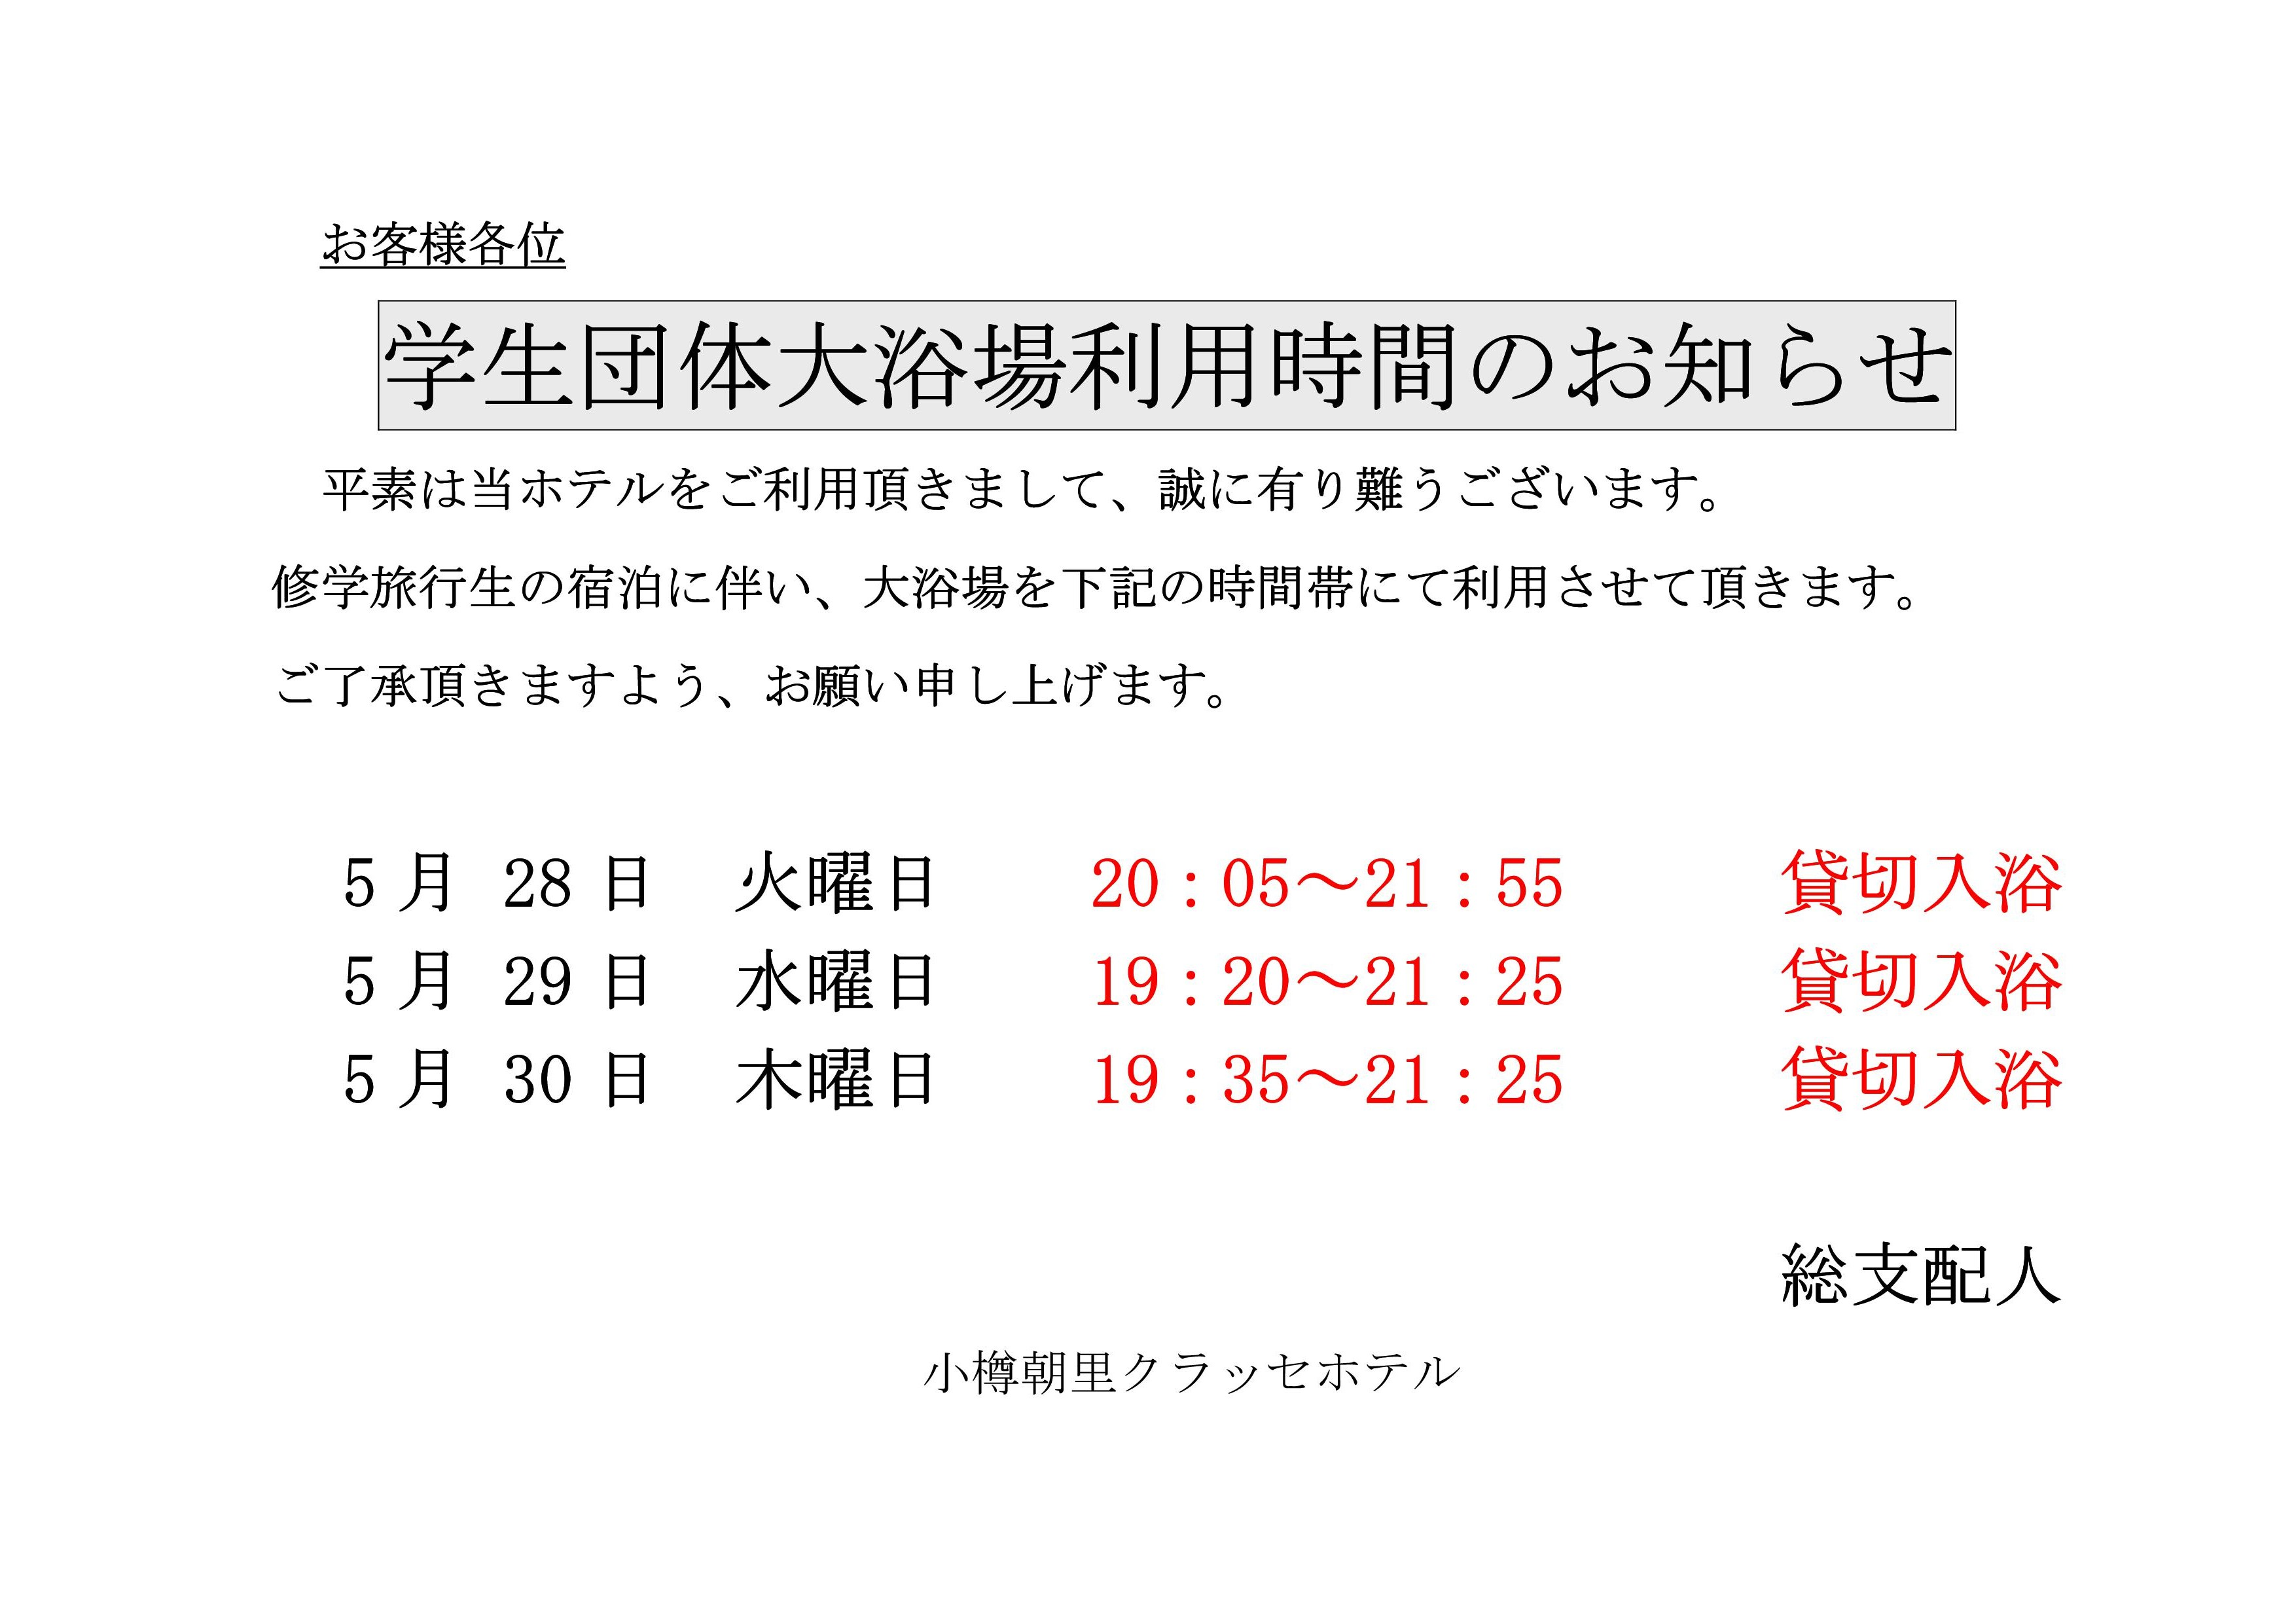 http://www.classe-hotel.com/topics/up_images/%E6%B8%A9%E6%B3%89%E5%A4%A7%E6%B5%B4%E5%A0%B4%E8%B2%B8%E3%81%97%E5%88%87%E3%82%8A%E3%81%AE%E3%81%8A%E7%9F%A5%E3%82%89%E3%81%9B1%20.jpg